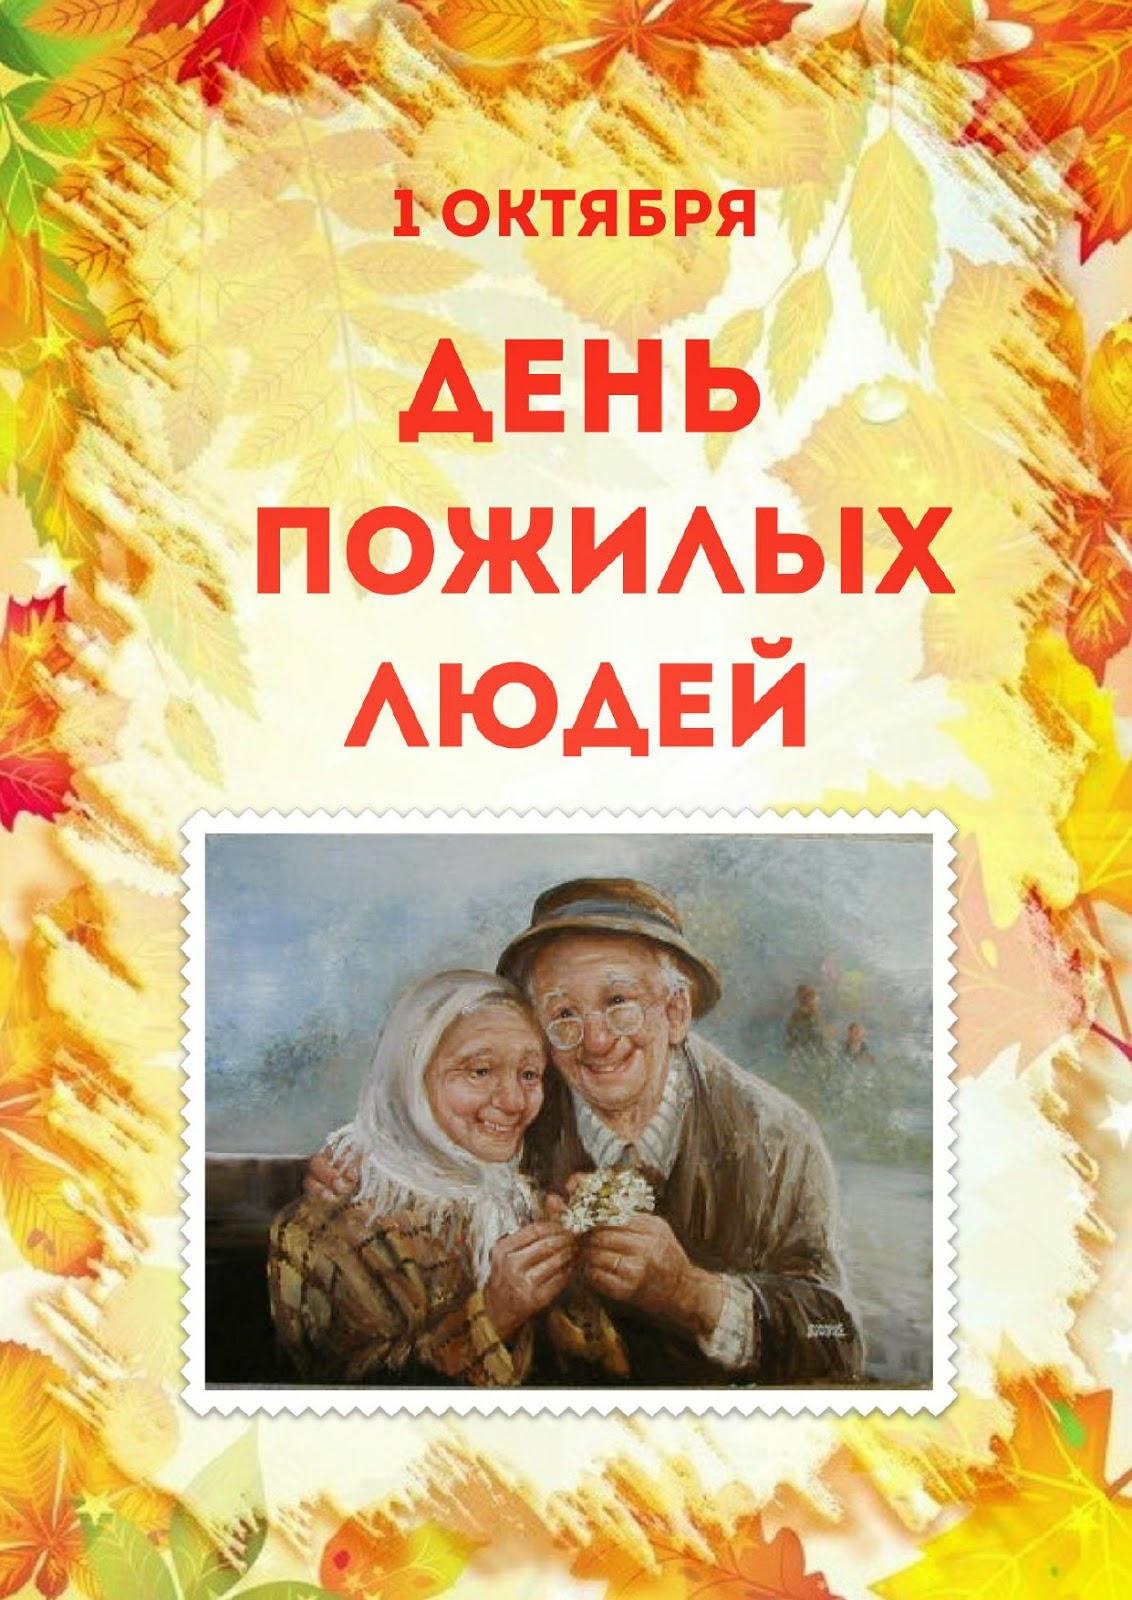 Месяца внуку, открытка пожилого человека с картинкой